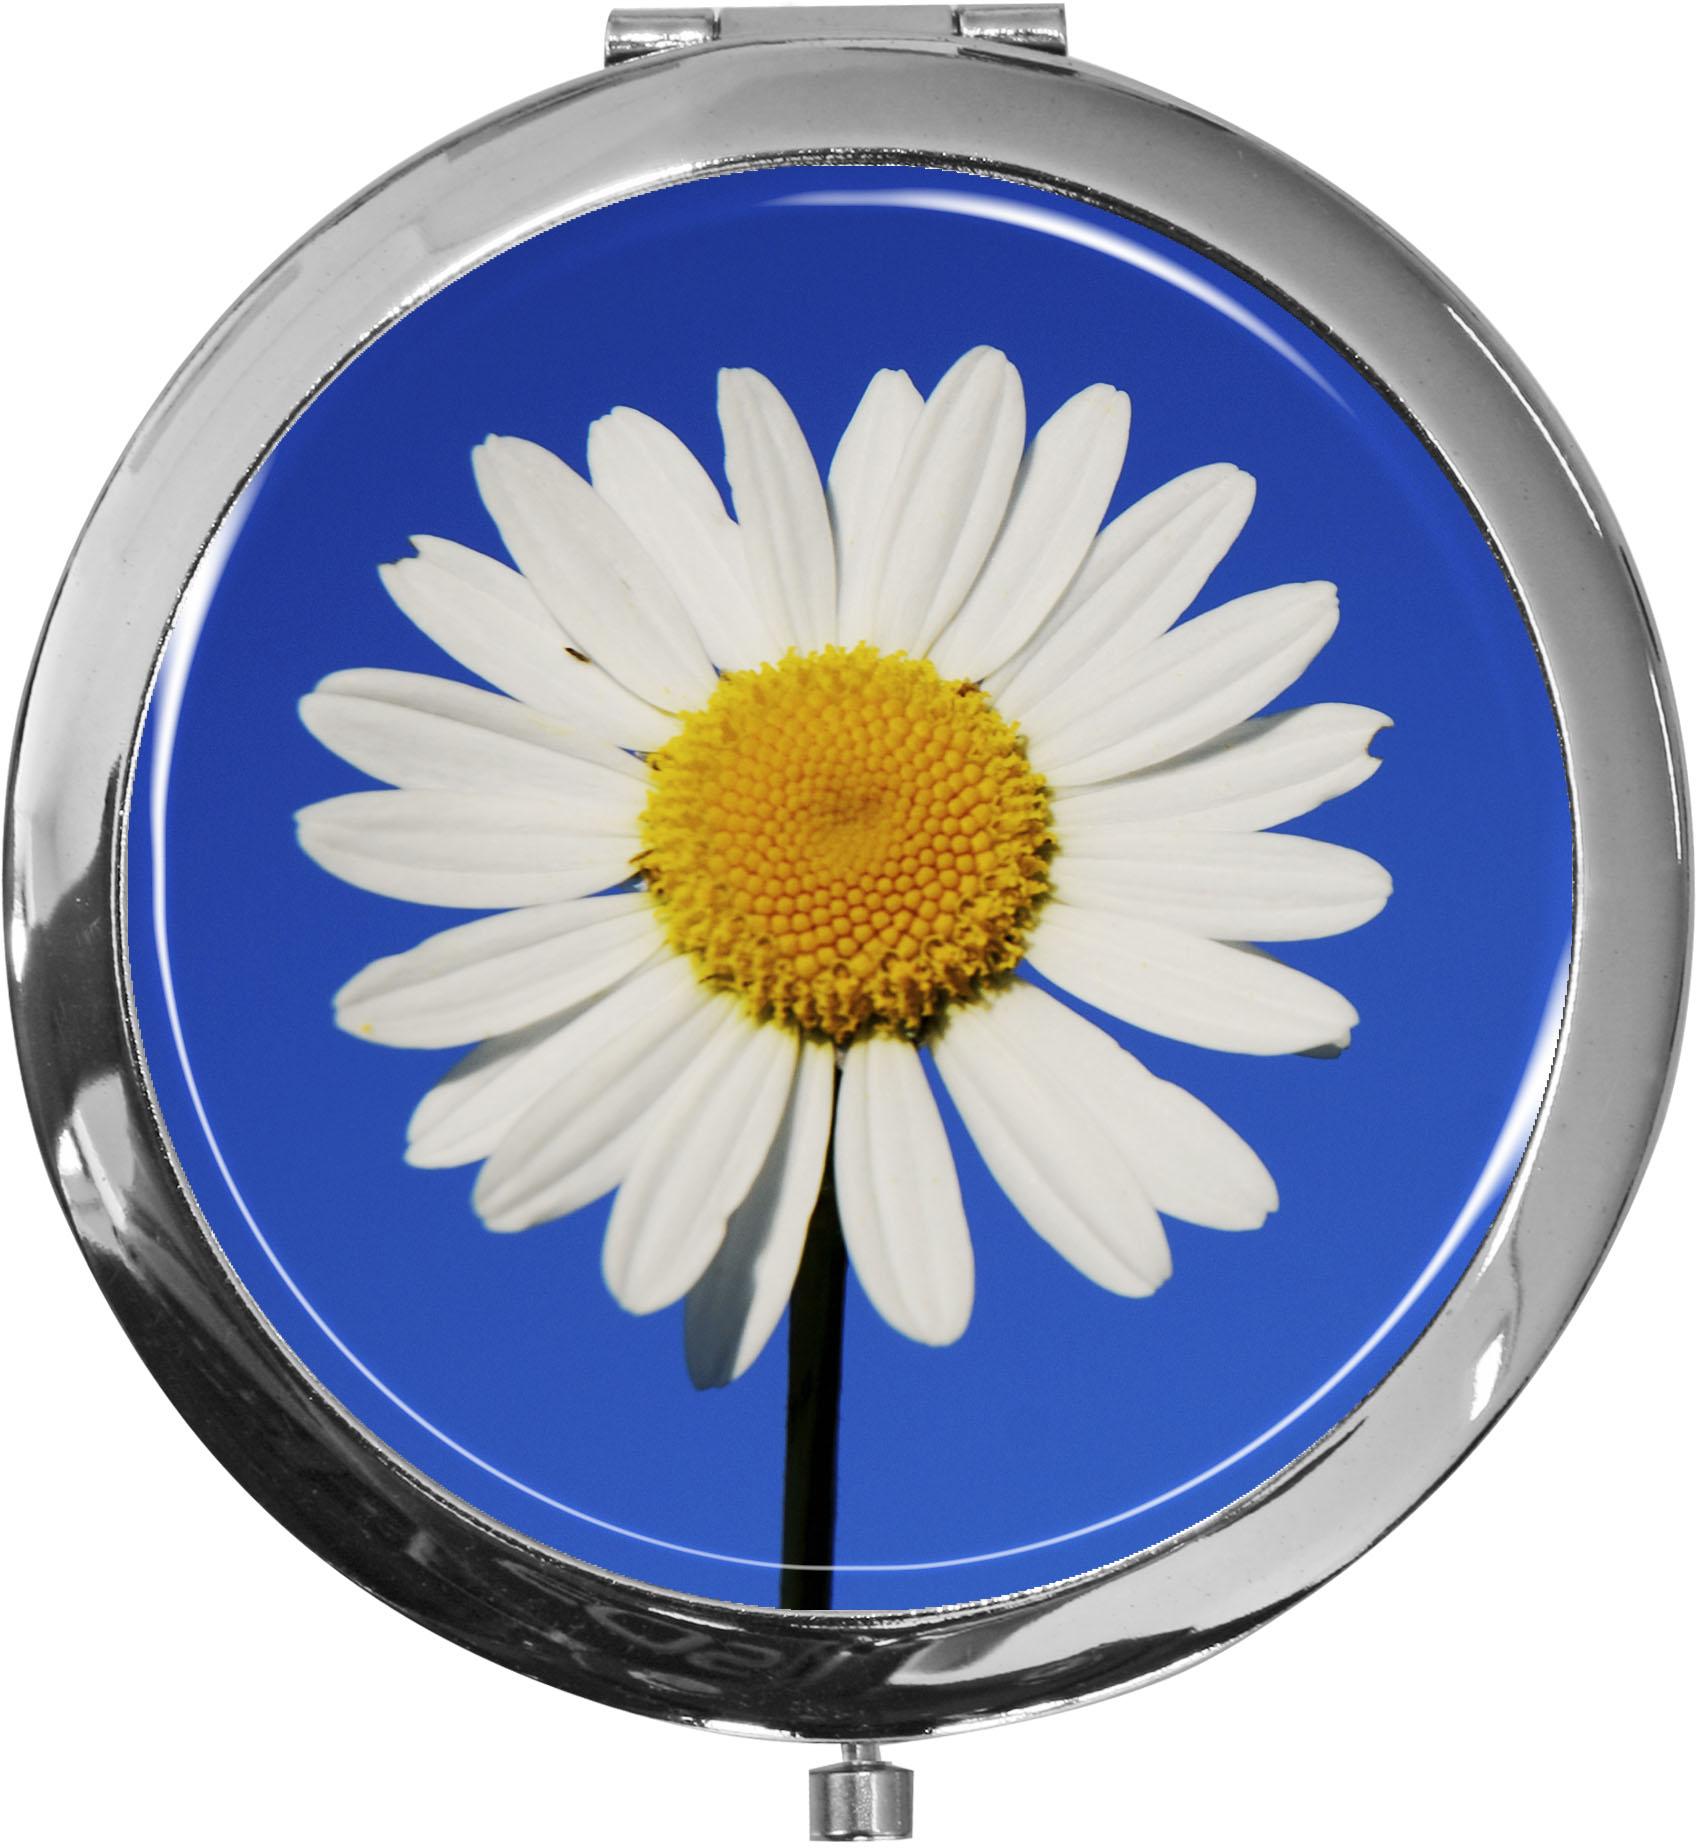 Taschenspiegel / Spiegel / Margerite / 2 fache Vergrößerung